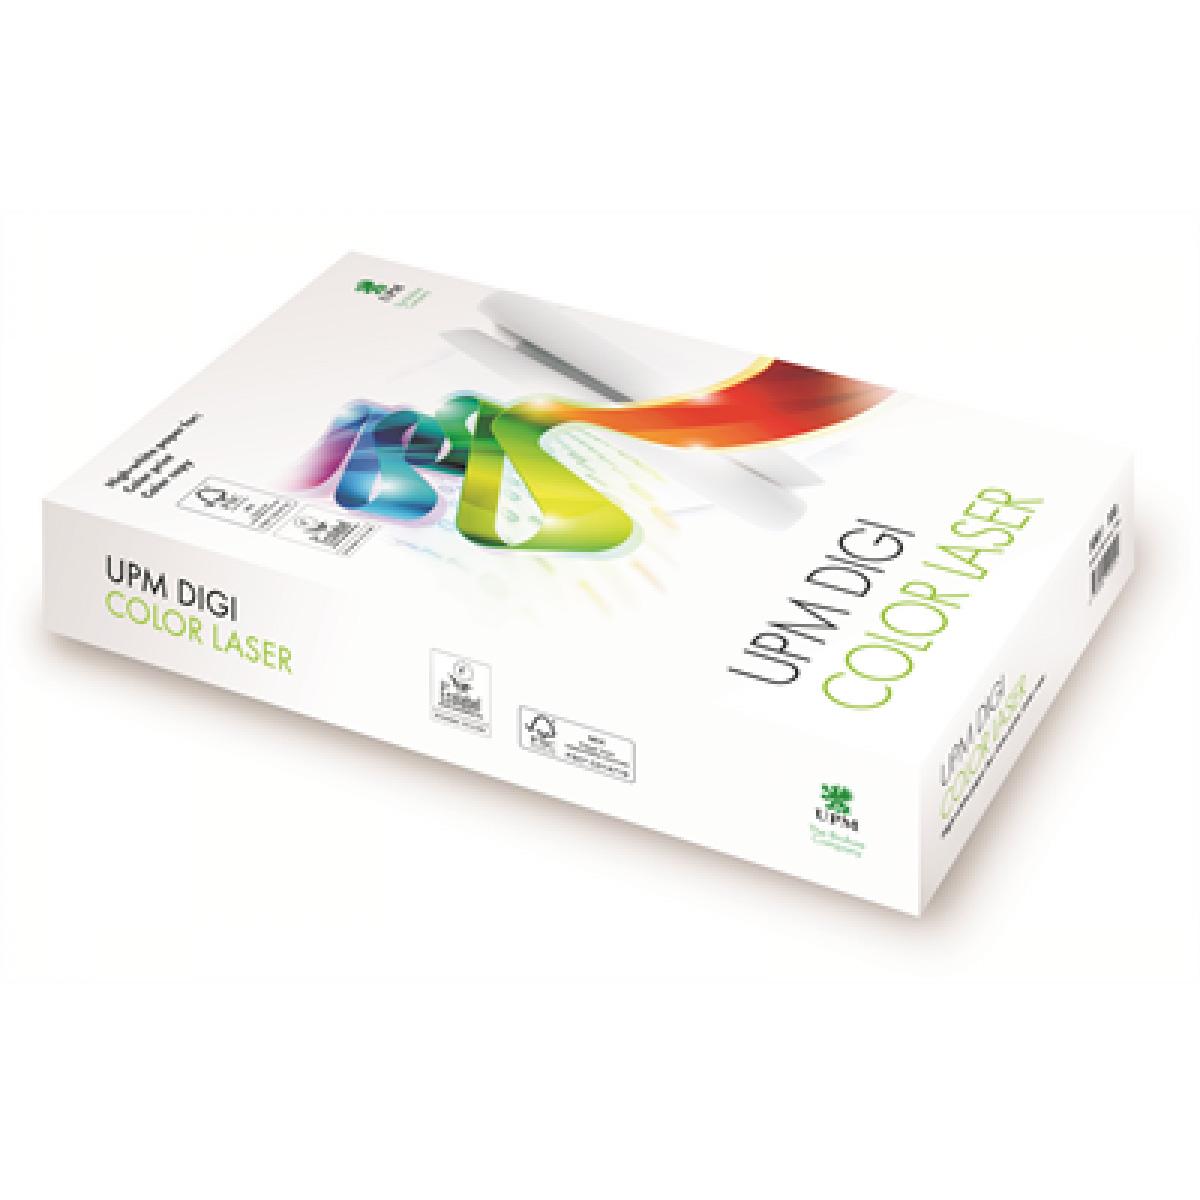 Бумага Digi Color Laser A4 100гр./м2., 500листов UPM - фото 1